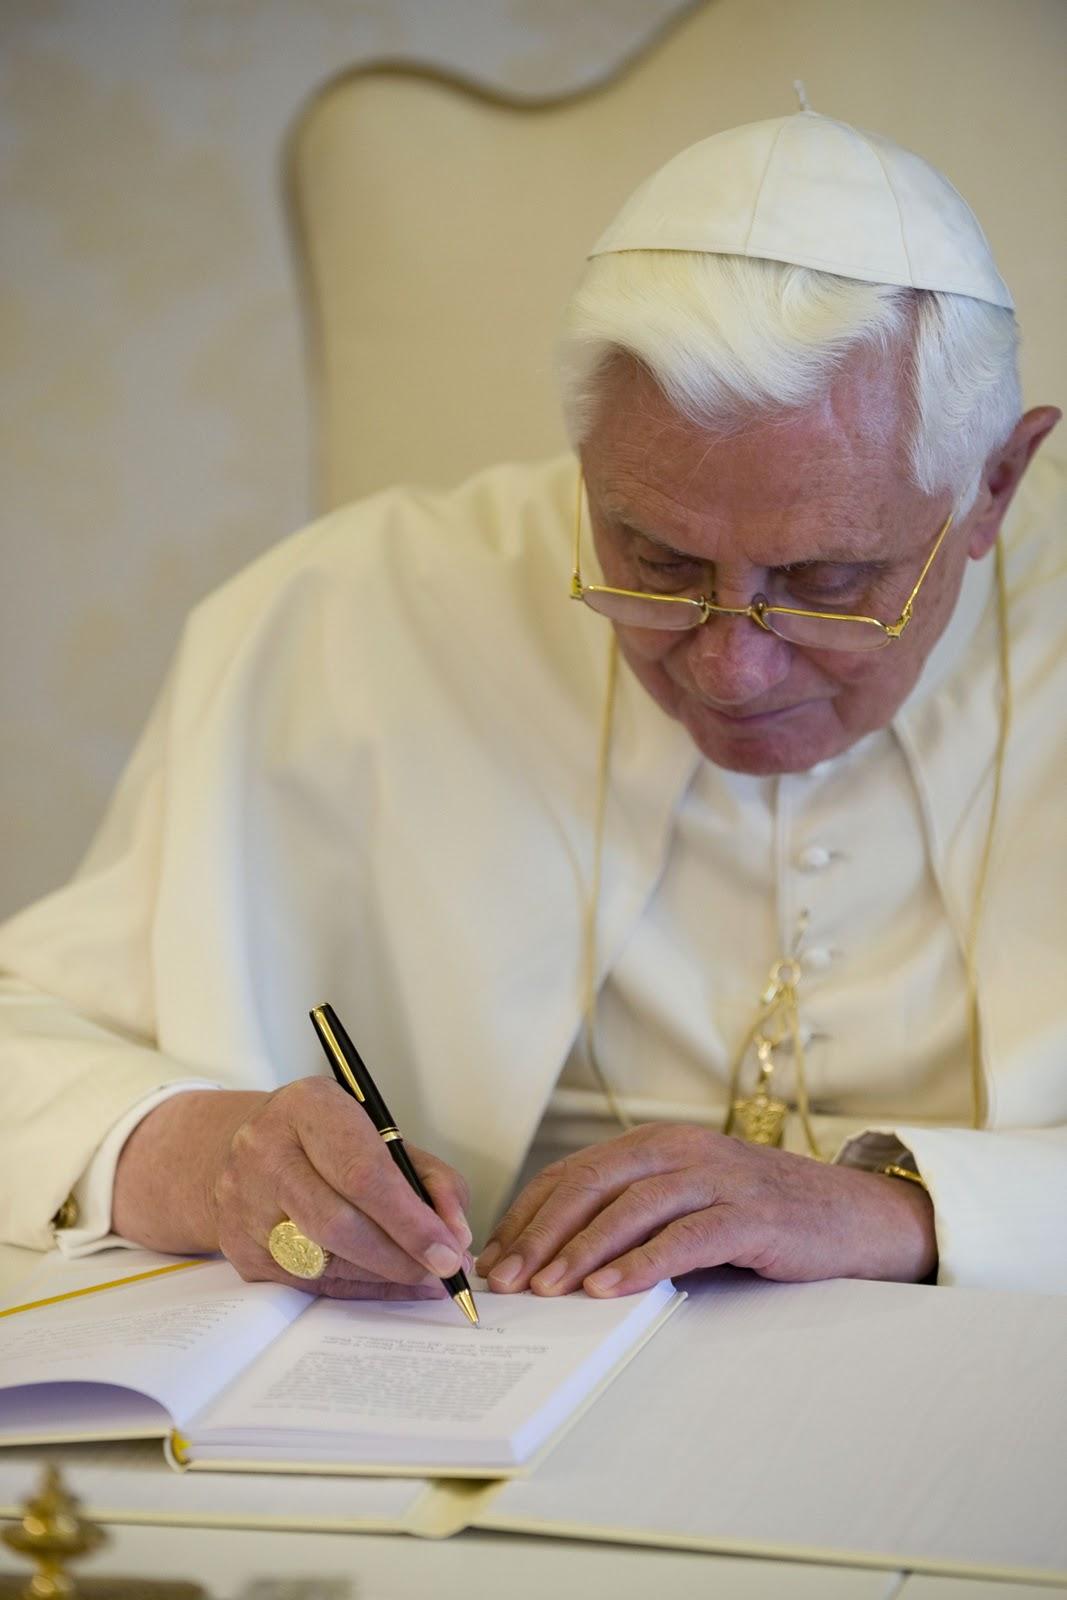 benedicto XVI orando praying castel gandolfo enciclicas oraciones exhortaciones apostolicas krouillong sacrilegio comunion en la mano 47